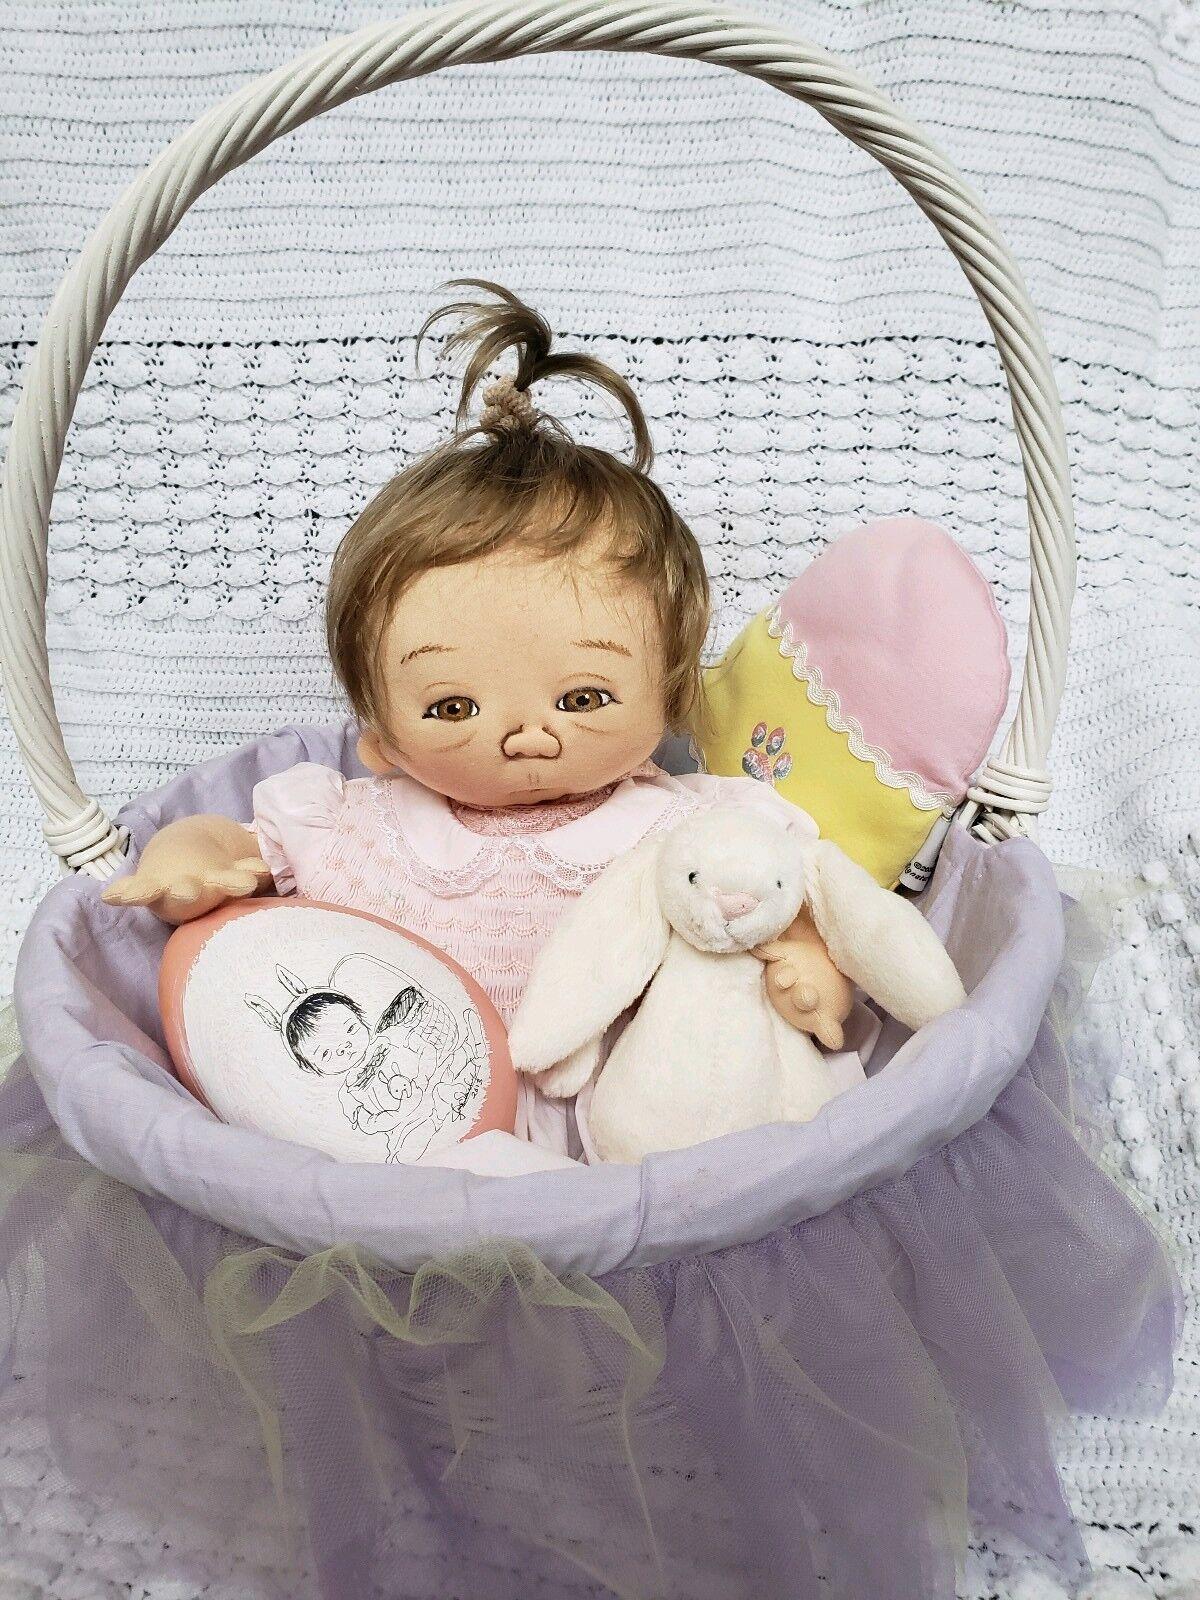 Jan Shackelford uno de una clase Pascua bebé todo original con juguetes y cesta